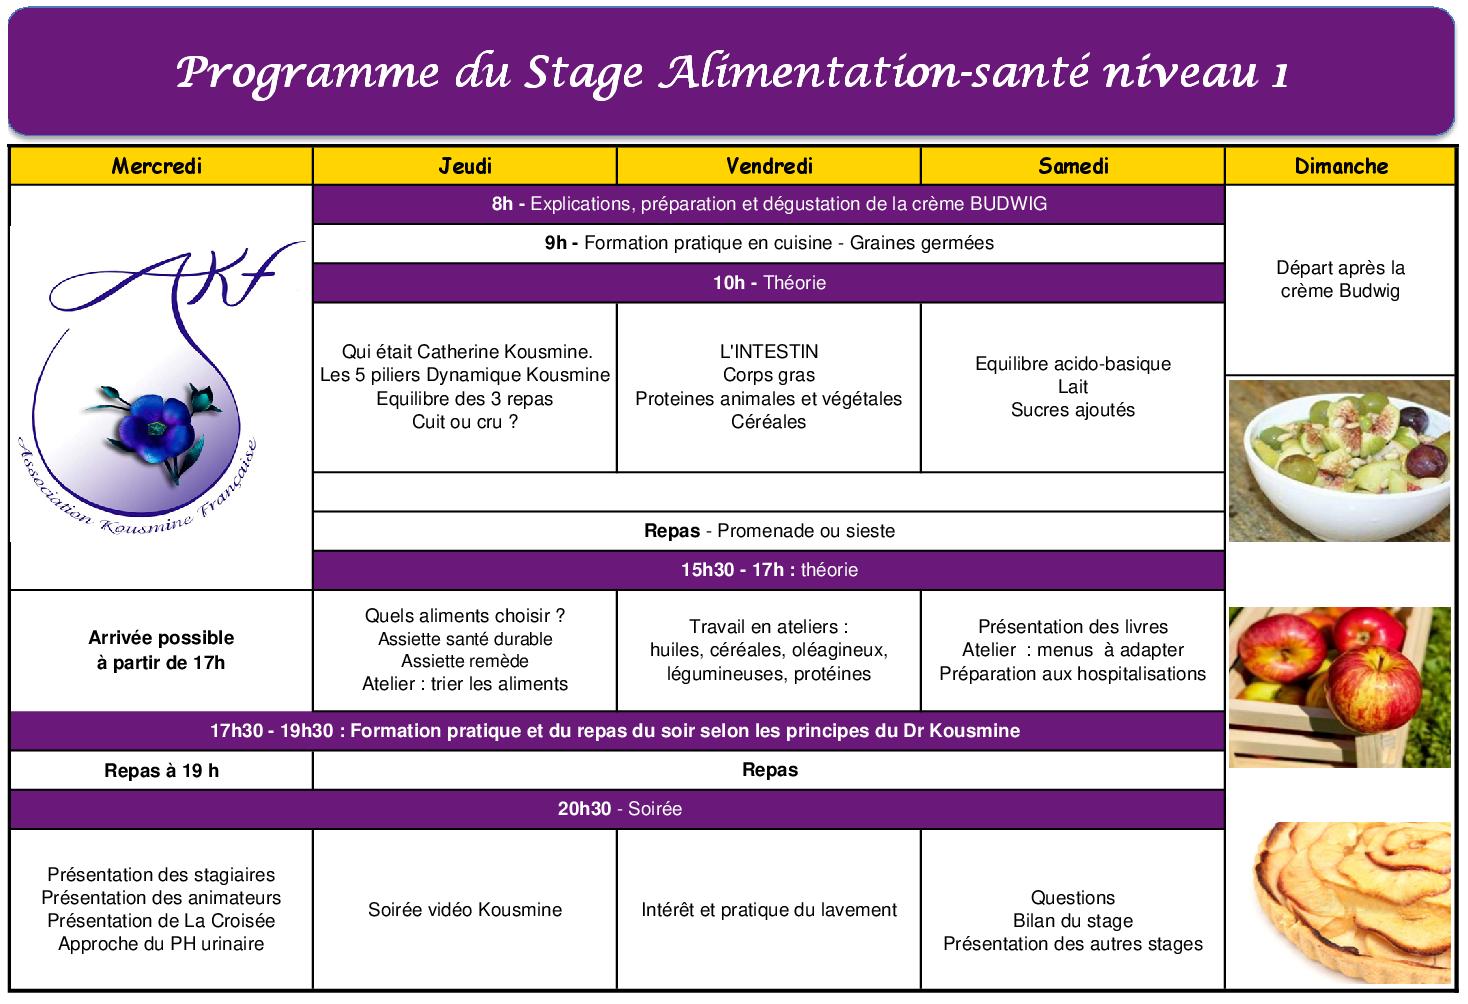 Programme Stage Alimentation-santé niveau 1